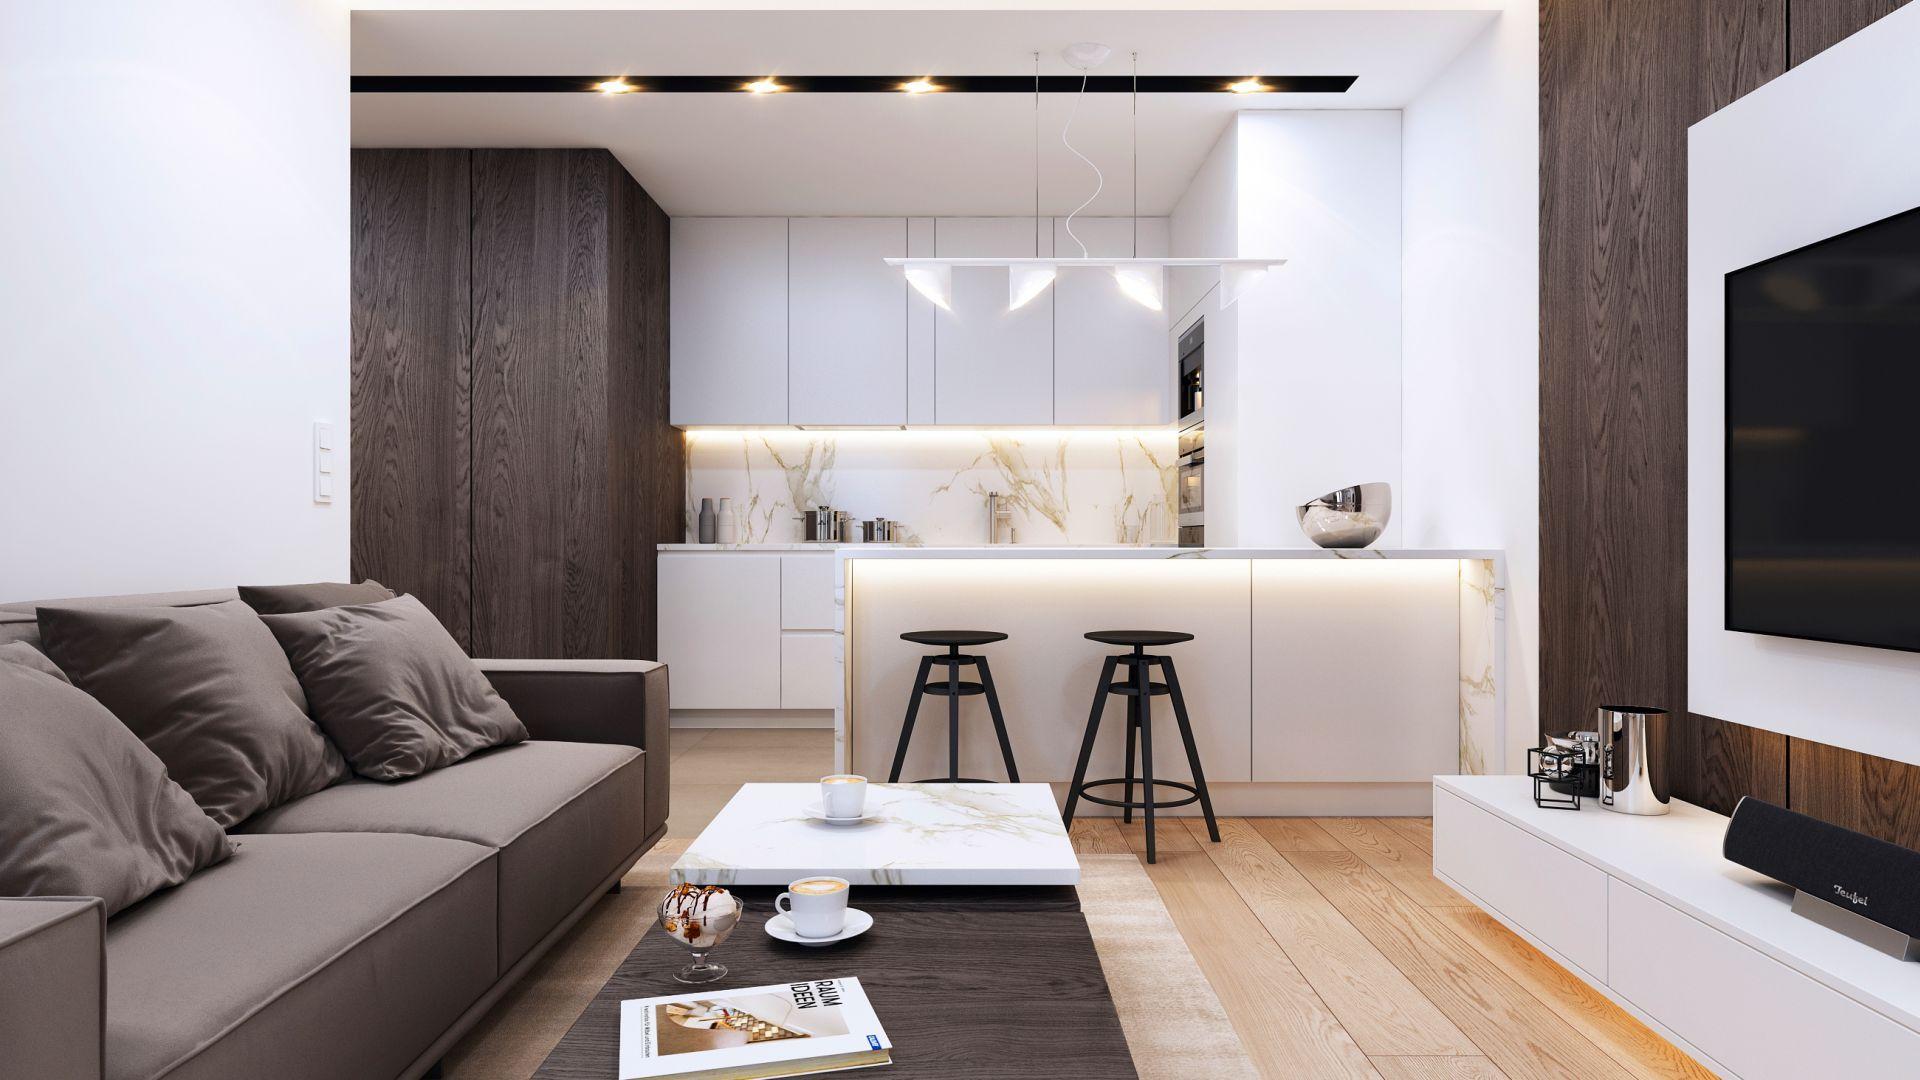 Mieszkanie dla pary. Projekt wnętrza: arch. Mirosław Butor, Beforeconcept